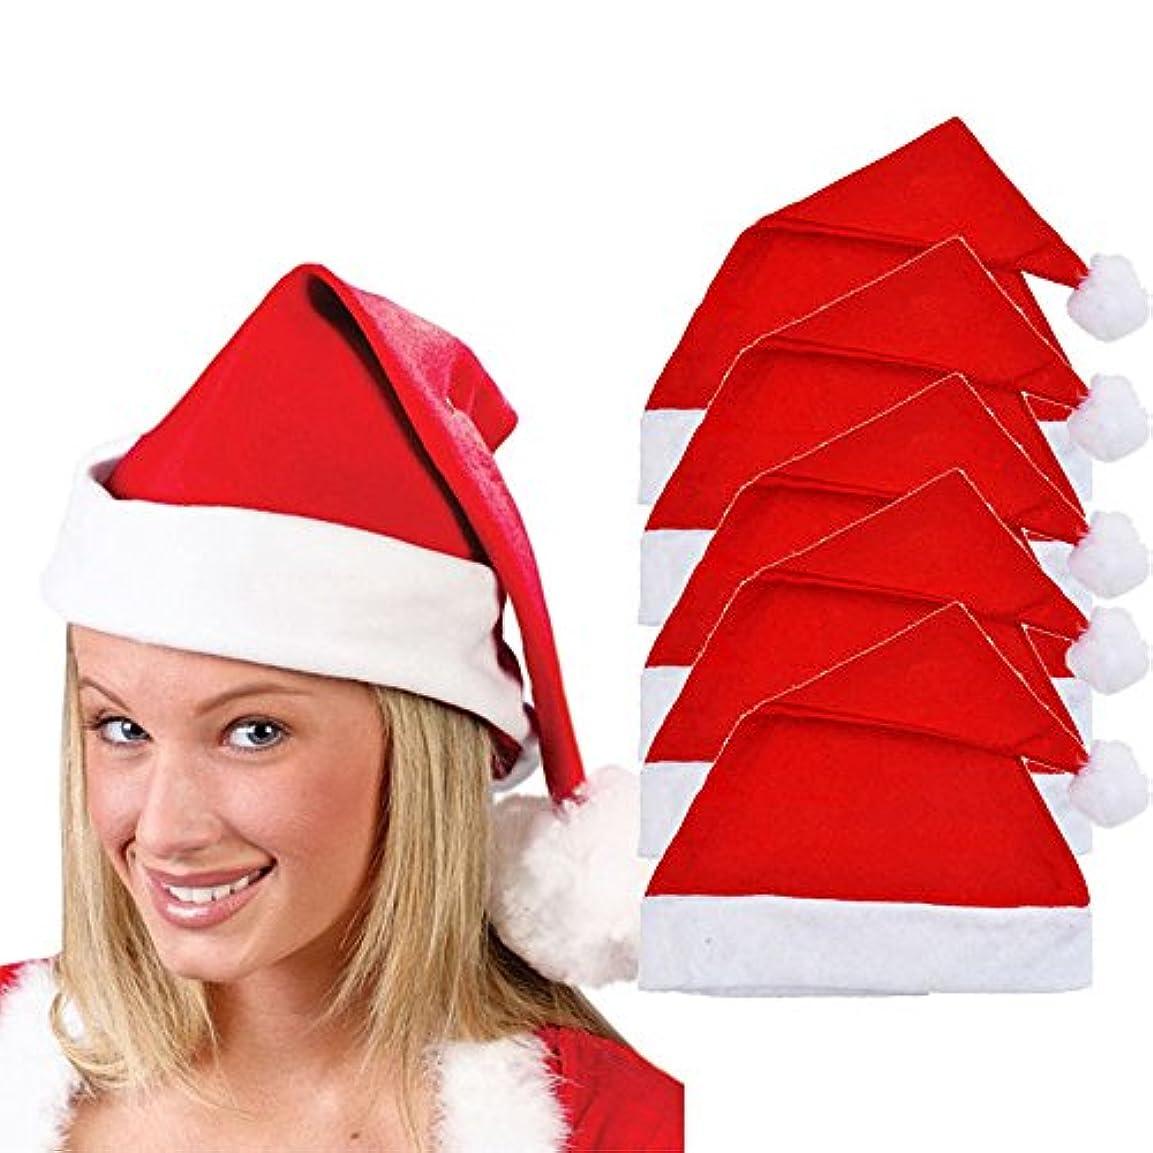 朝近似ためらうRacazing クリスマスハット 5つの レッド Hat ライト ドームキャップ 防寒対策 通気性のある 防風 ニット帽 暖かい 軽量 屋外 スキー 自転車 クリスマス 男女兼用 Christmas Cap